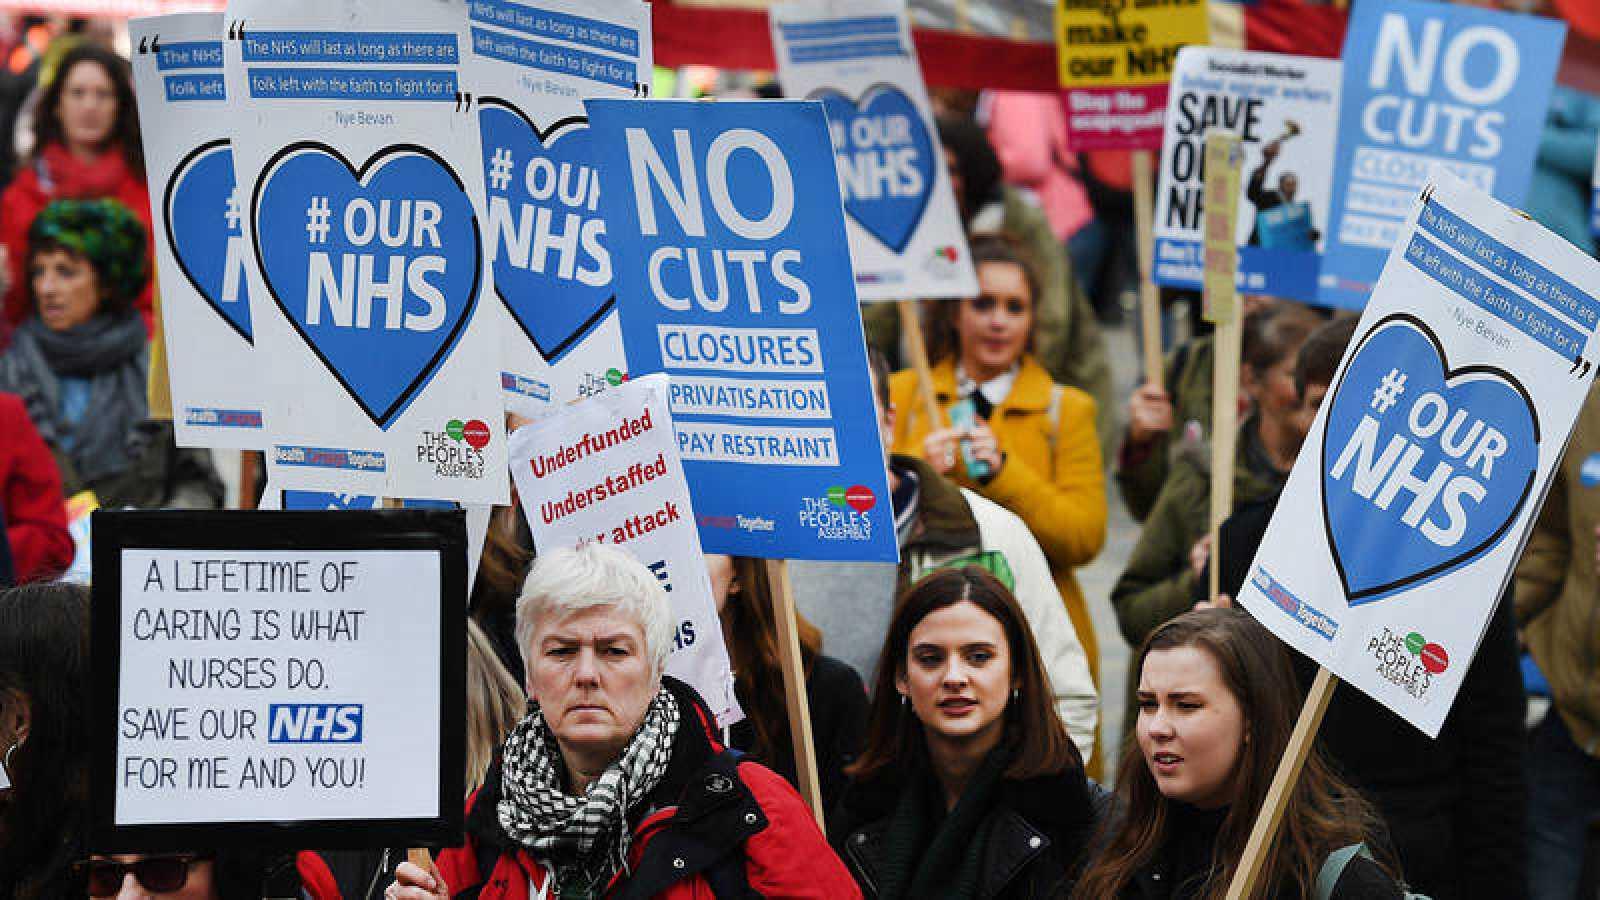 Manifestación contra la crisis del Servicio Nacional de Salud frente al Parlamento británico en 2017